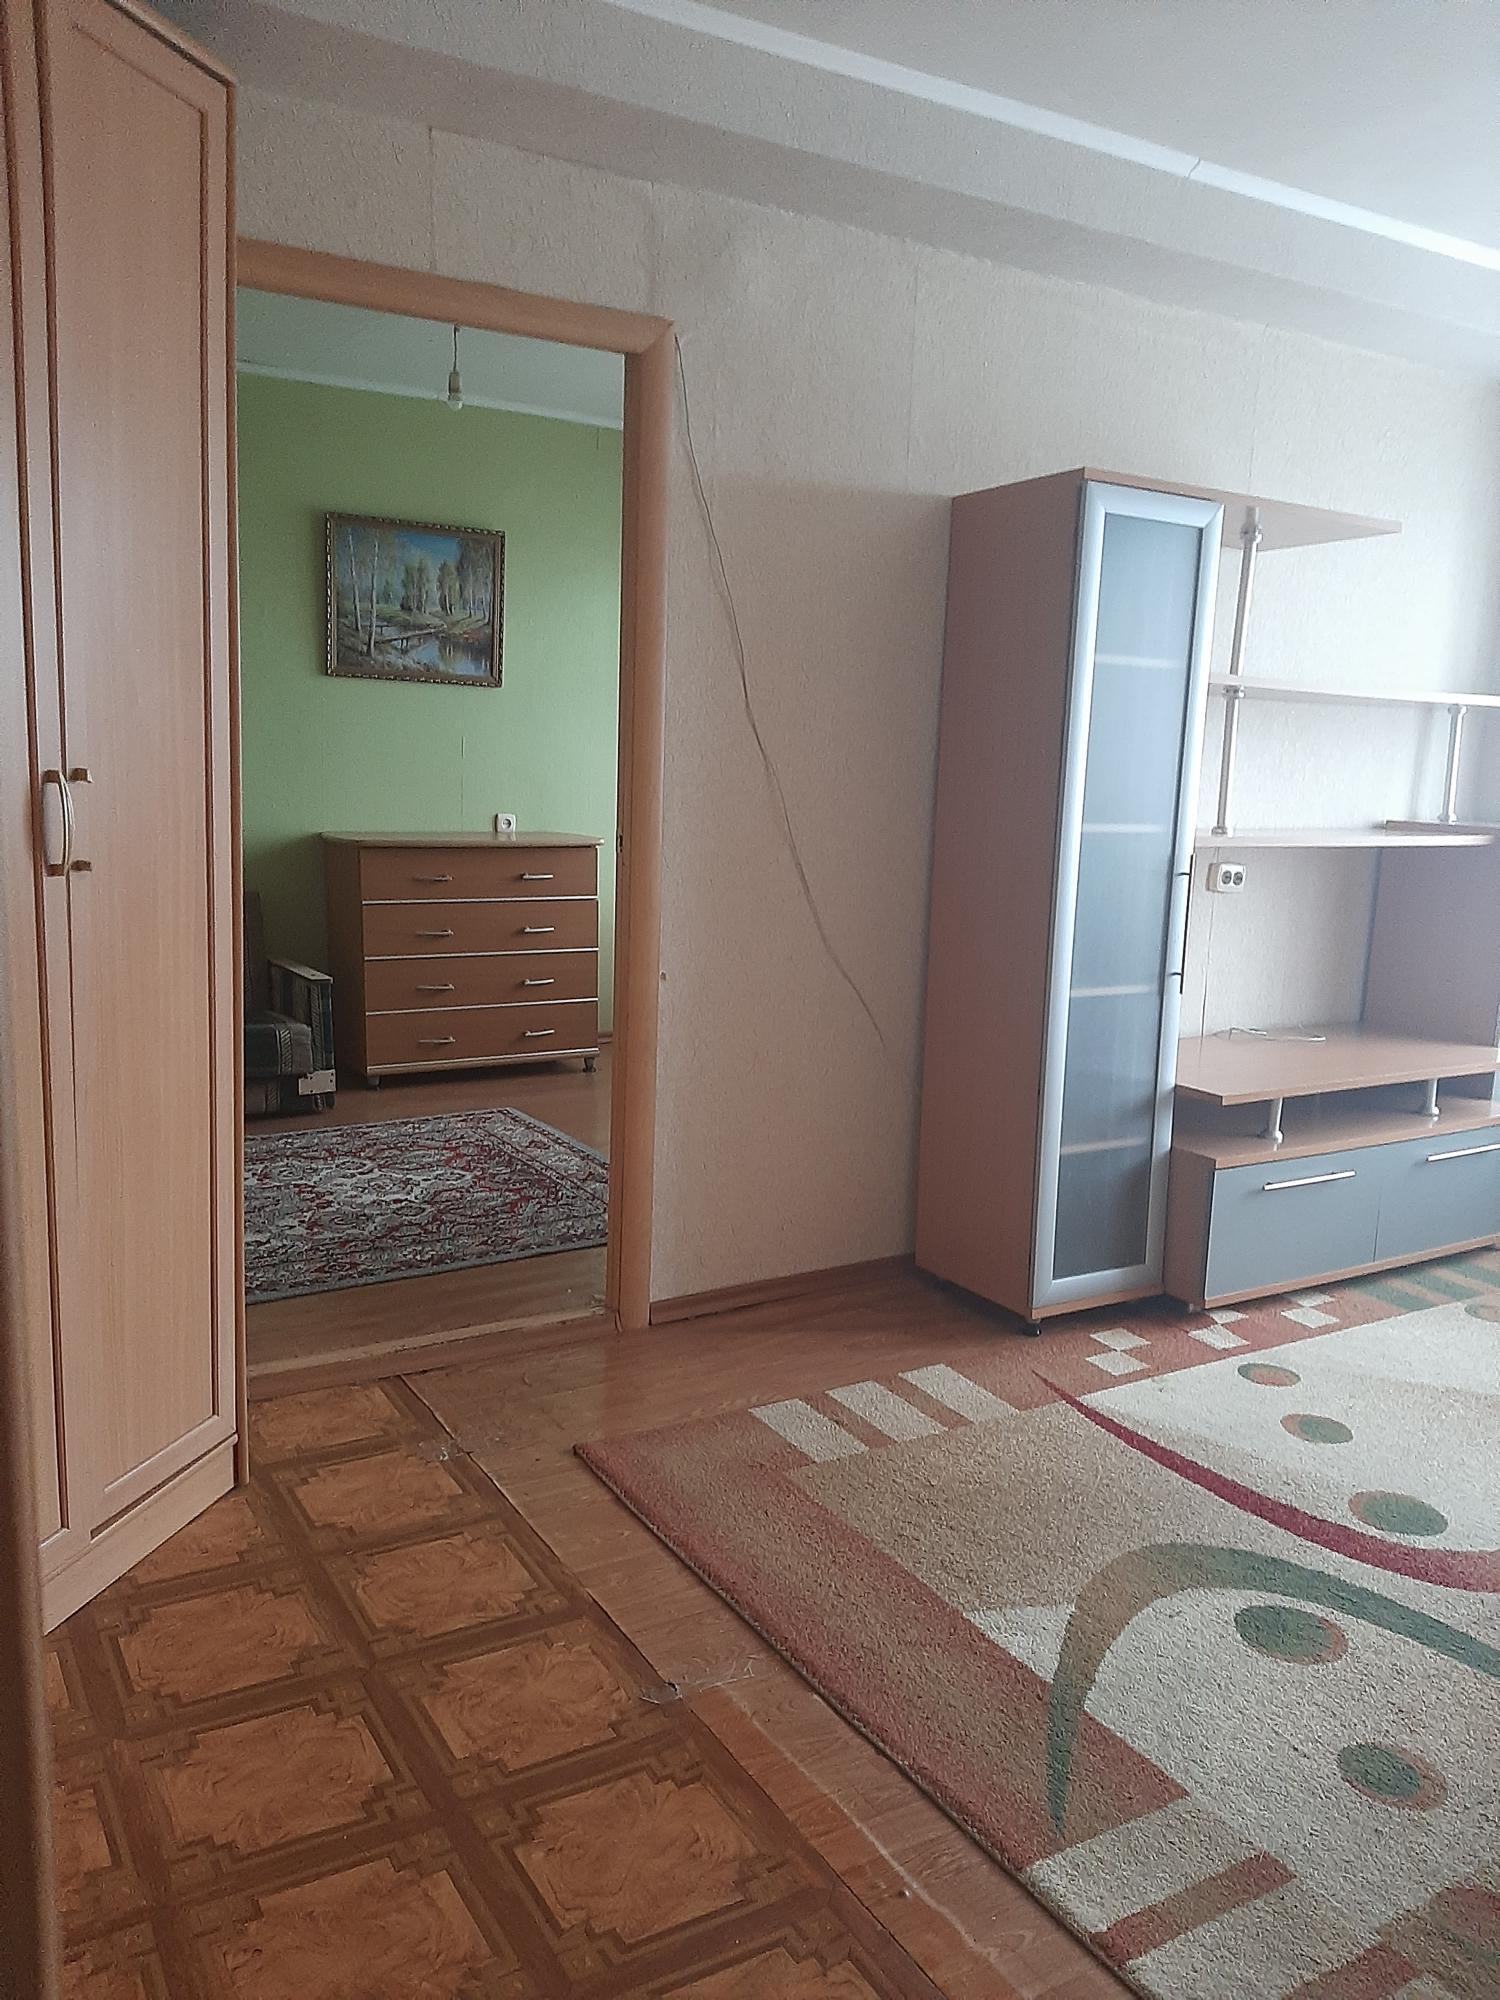 2к квартира Ферганская улица, 8 | 16000 | аренда в Красноярске фото 1